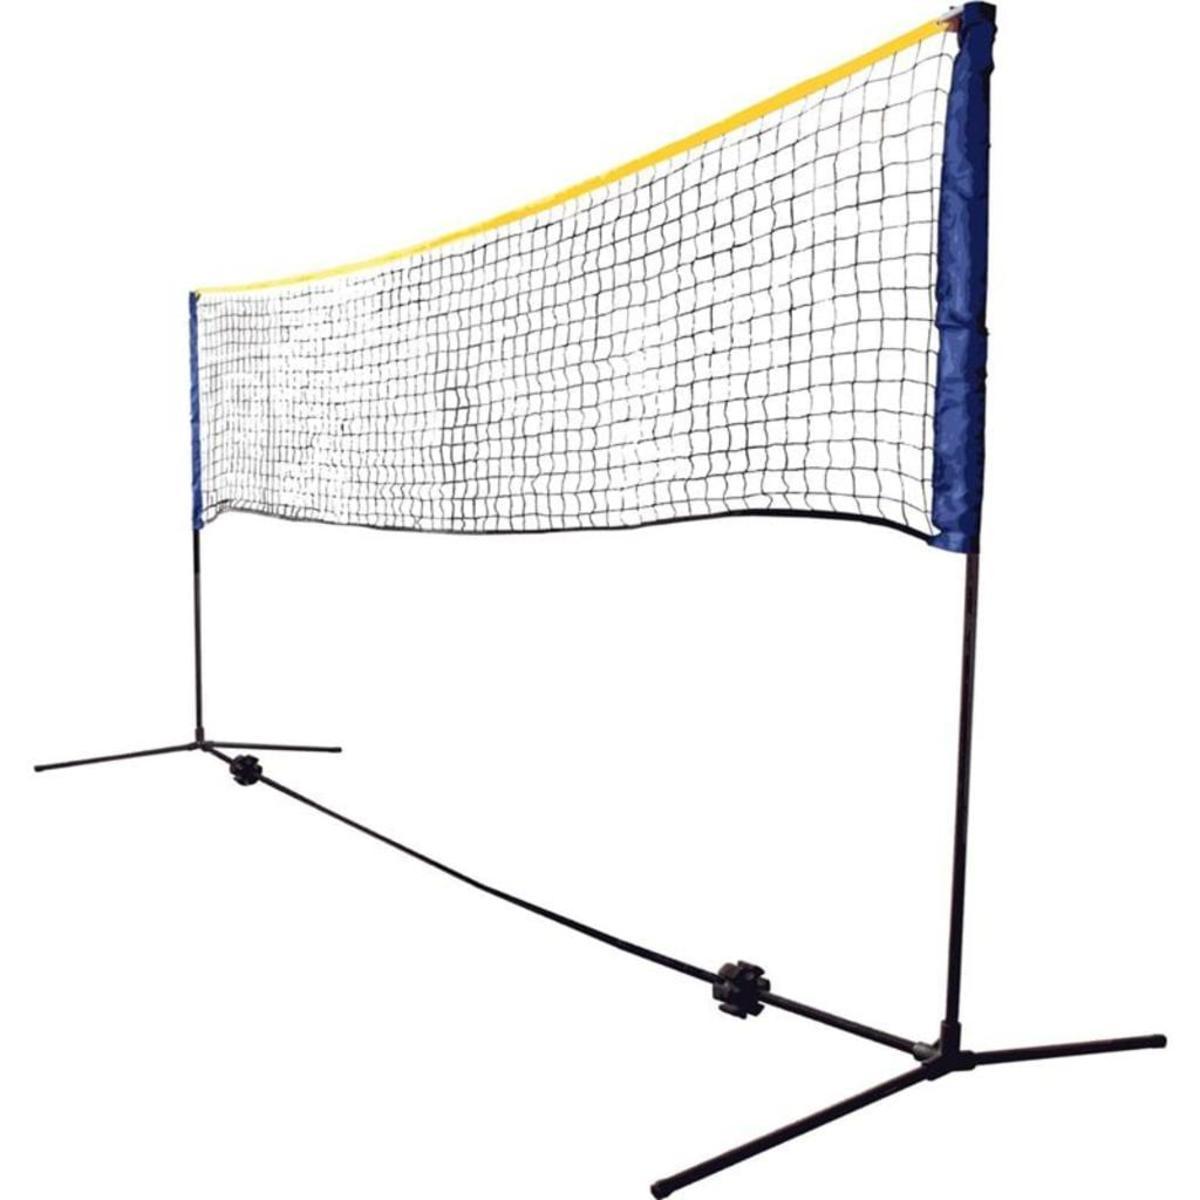 Bild 3 von Schildkröt - Funsport FUNSPORT Combi Net Set in Tragetasche, 300x 155cm